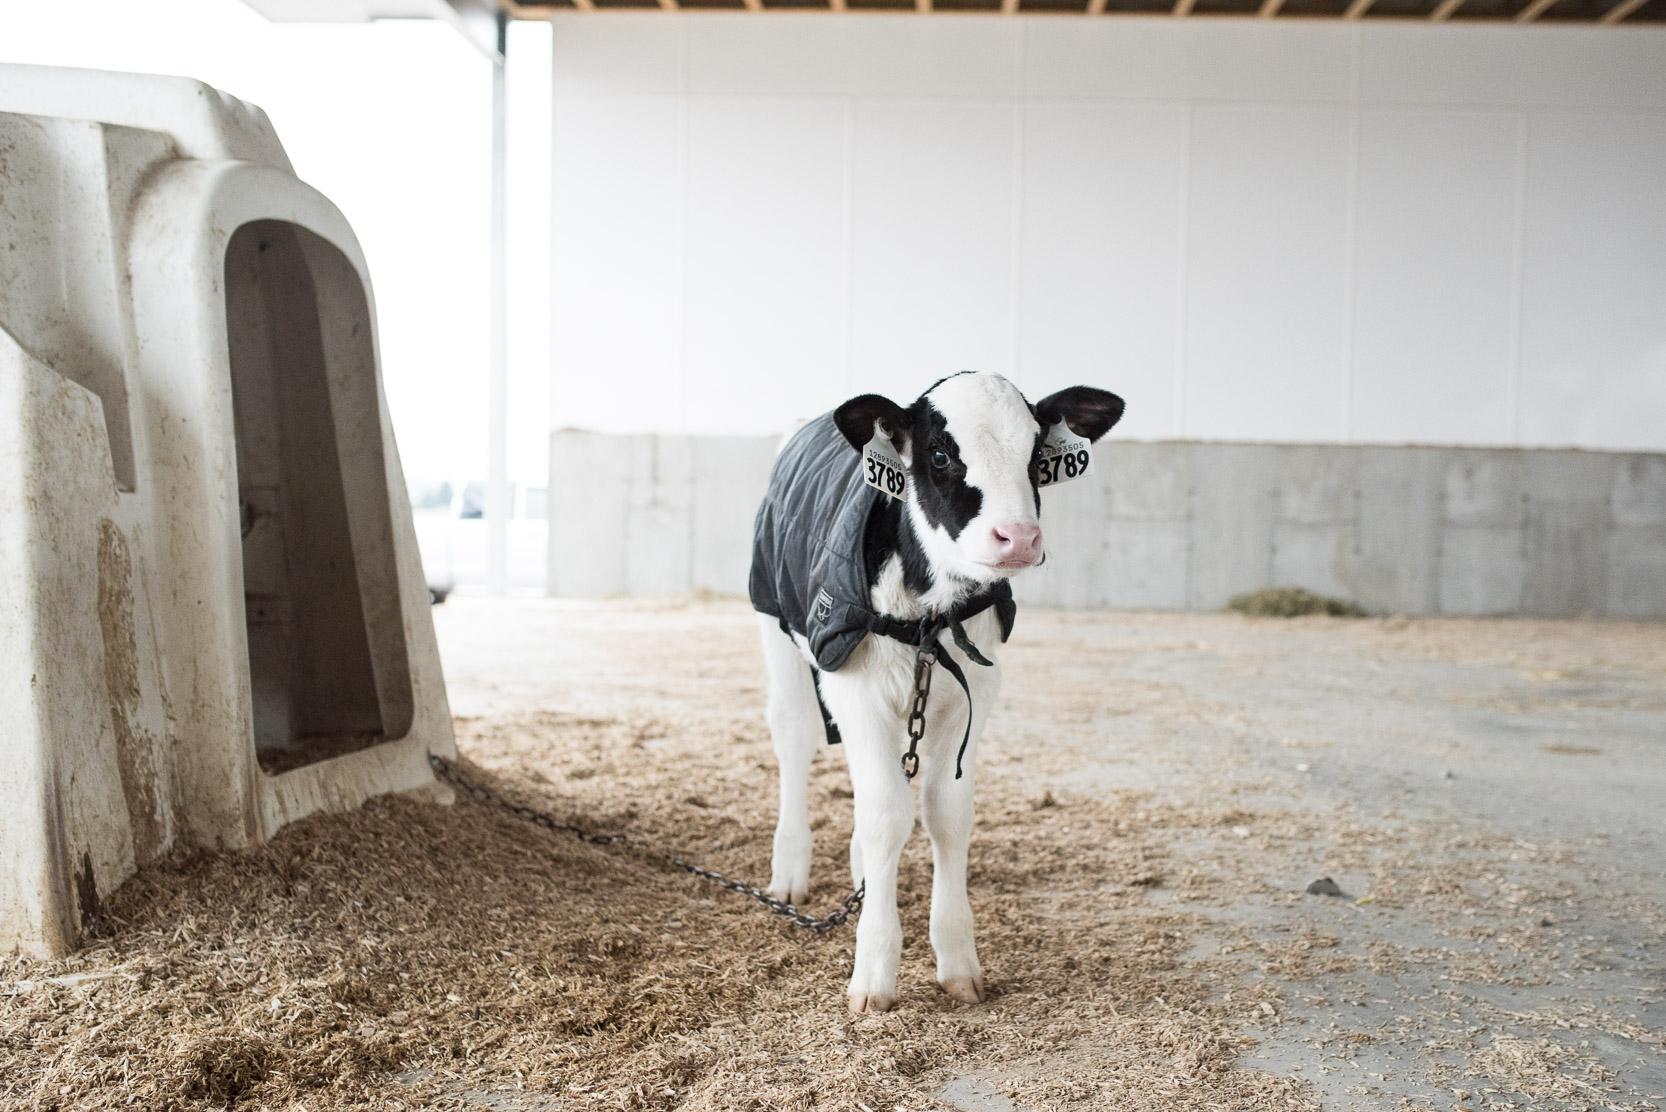 Rideau-Vet-Wintering-Calves-1.jpg